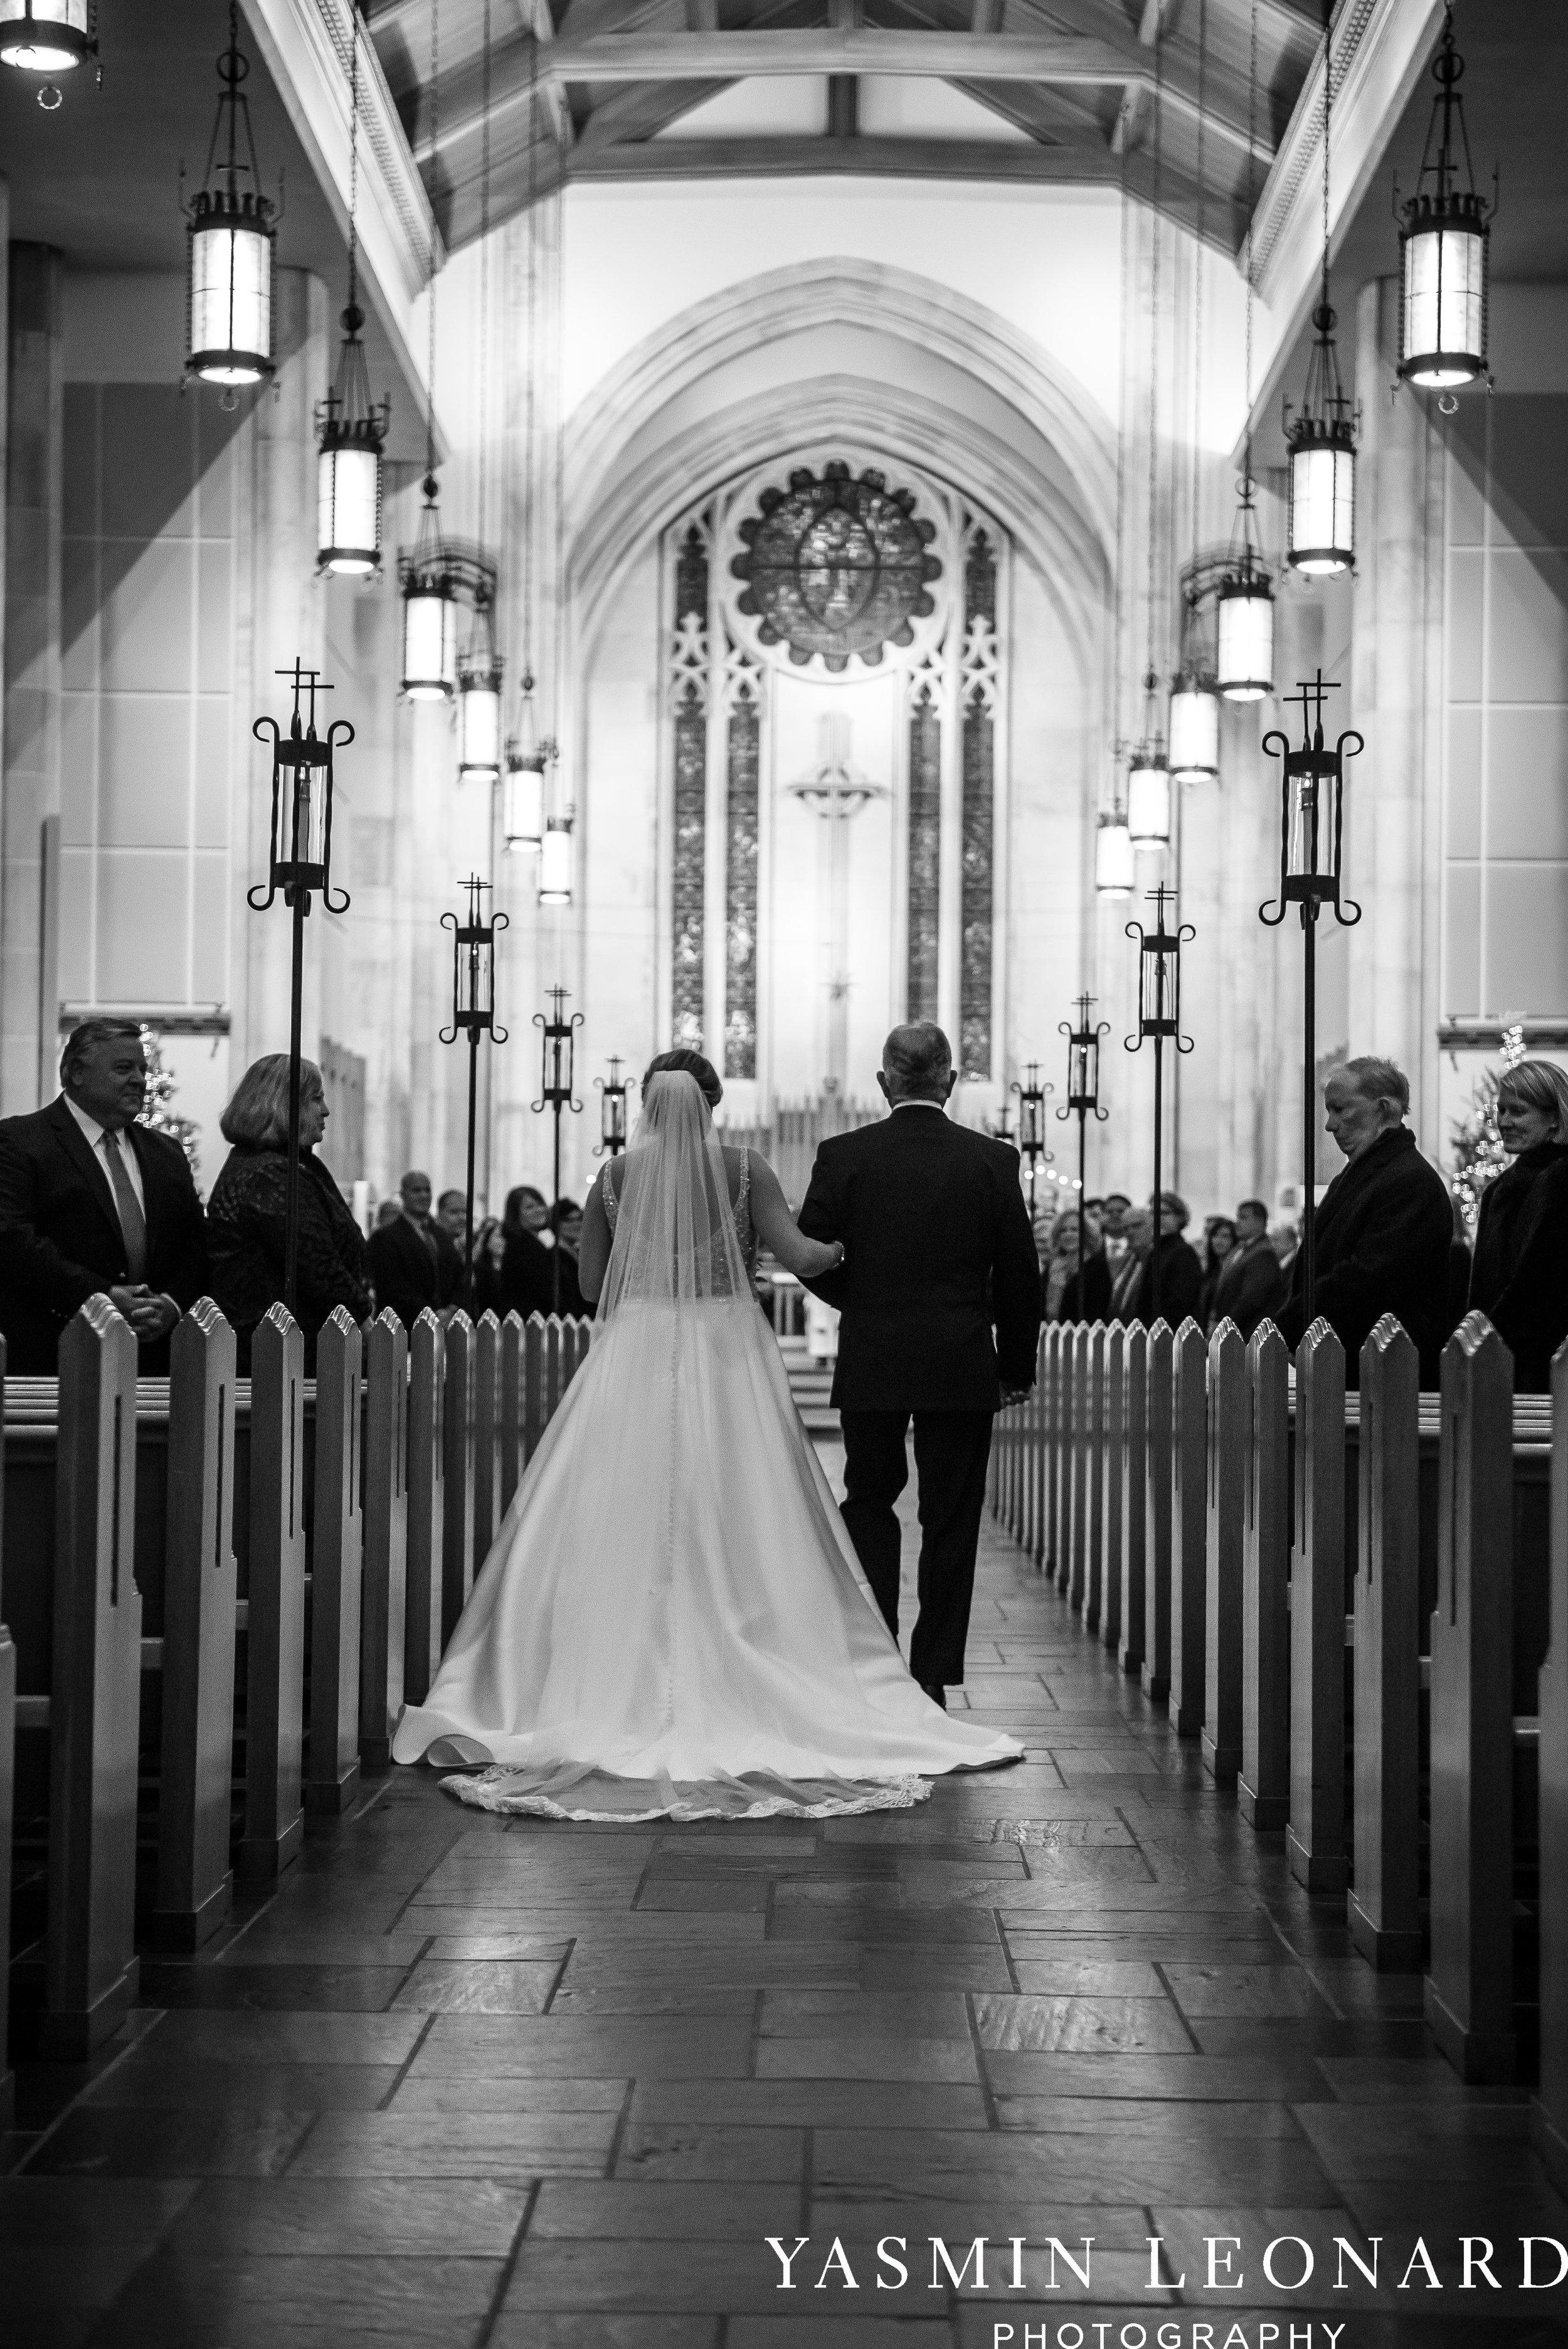 Adaumont Farm - Wesley Memorial Weddings - High Point Weddings - Just Priceless - NC Wedding Photographer - Yasmin Leonard Photography - High Point Wedding Vendors-28.jpg